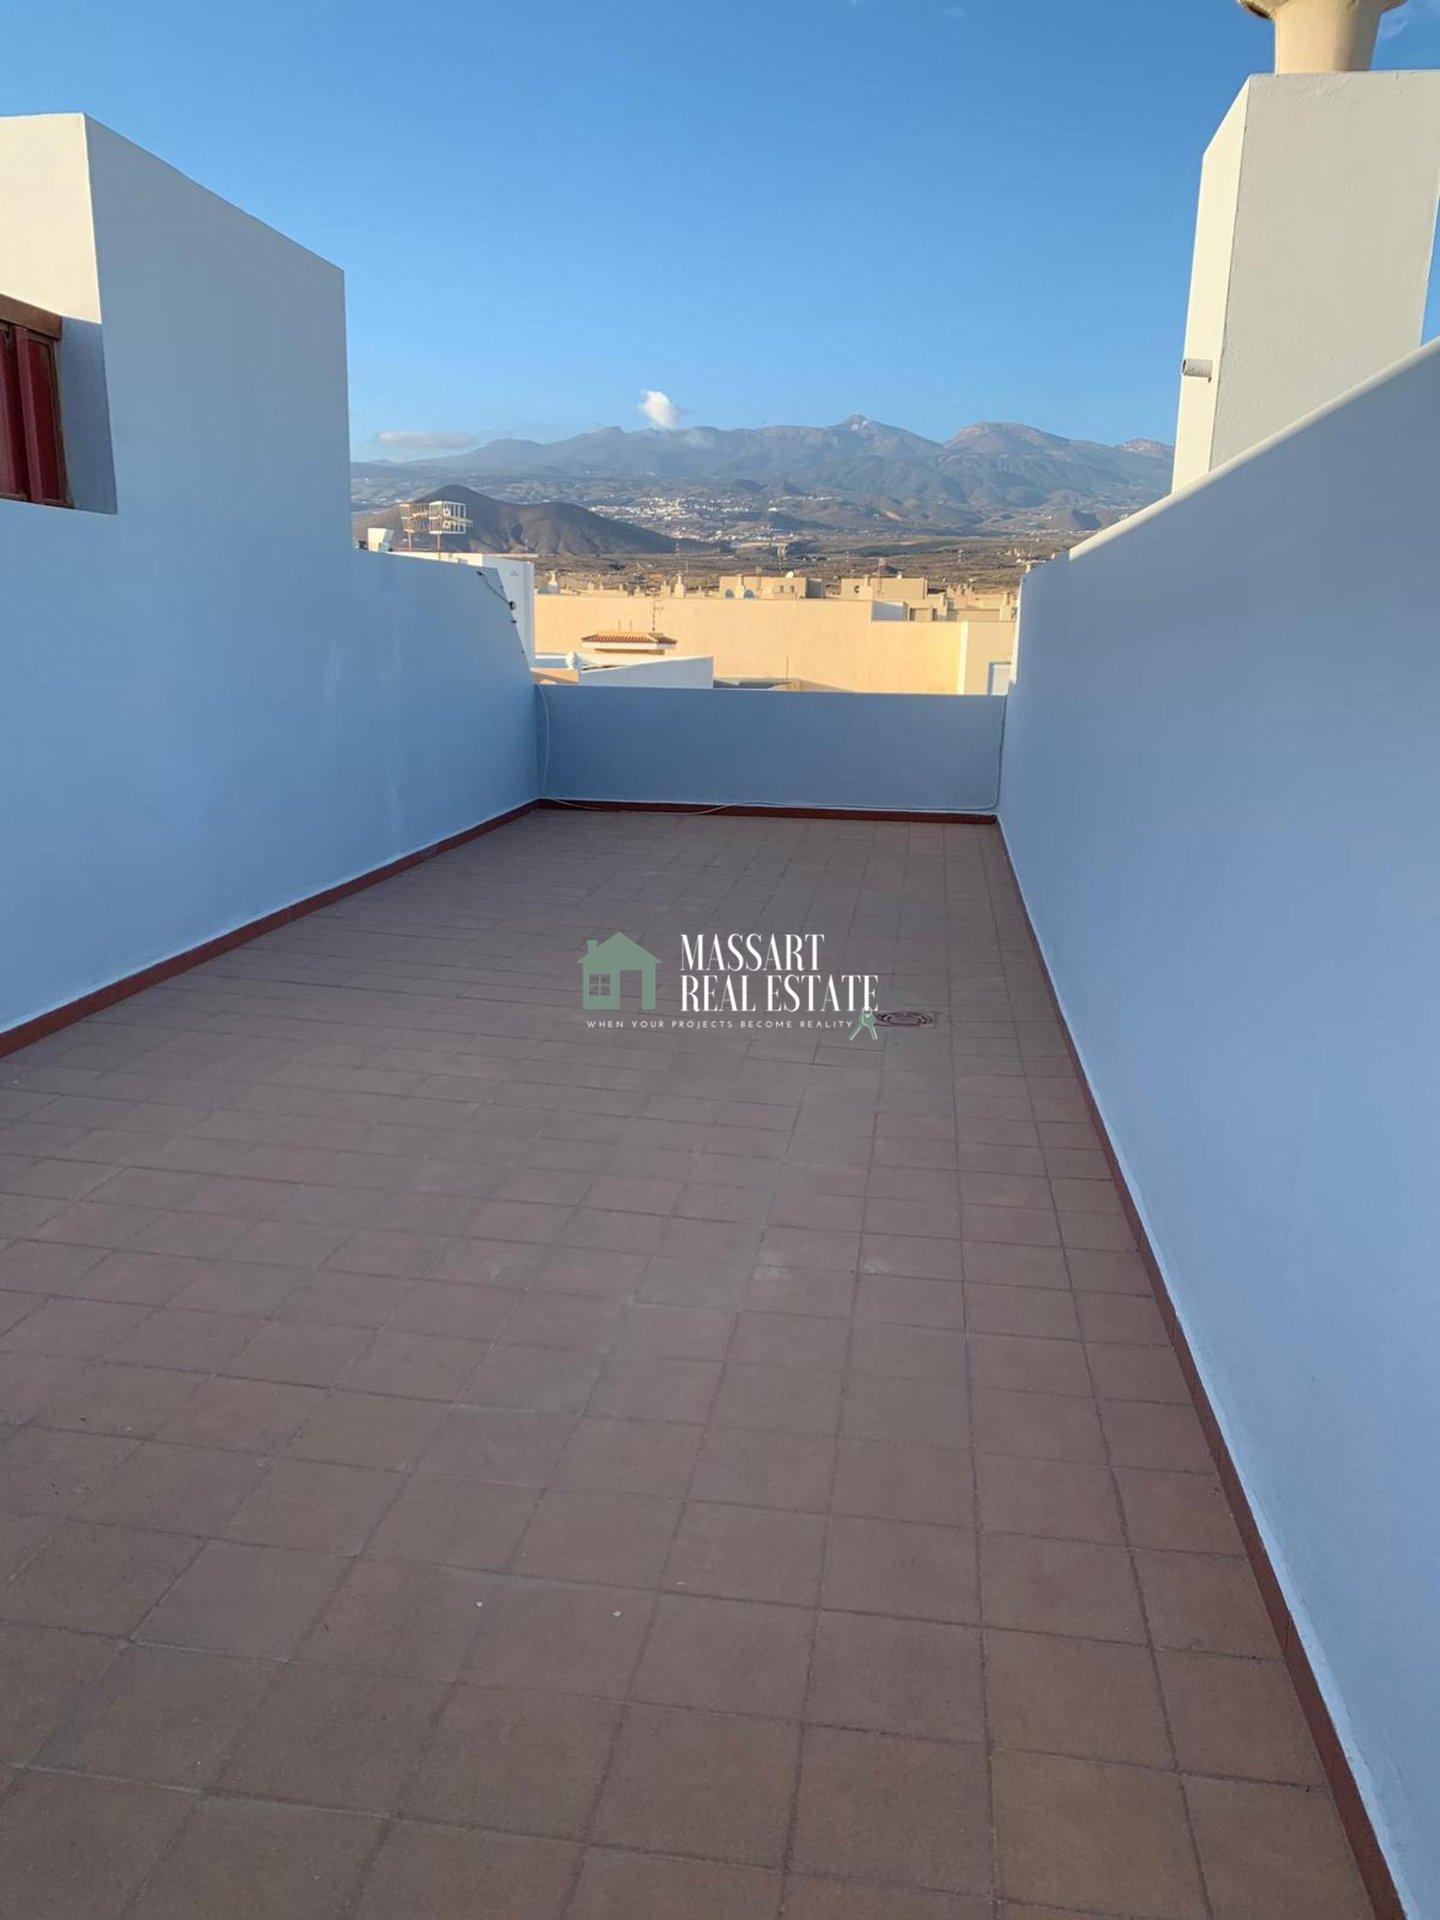 En alquiler en Los Abrigos, ático dúplex caracterizado por su estilo lujoso y por ofrecer una amplia terraza privada con vistas a la montaña.